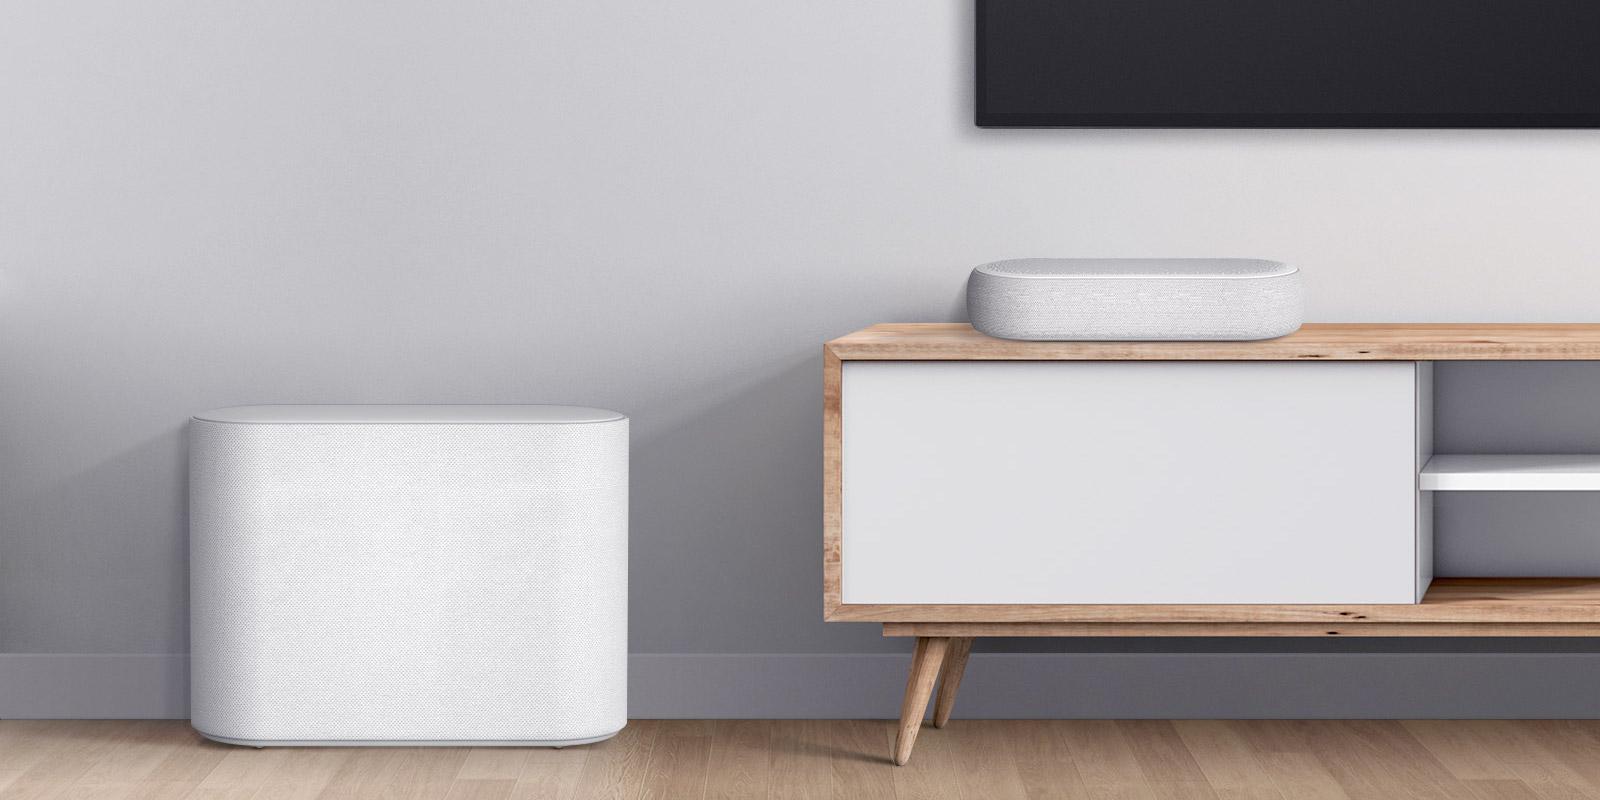 LG представила компактный саундбар с пространственным звучанием для любителей музыки и кино